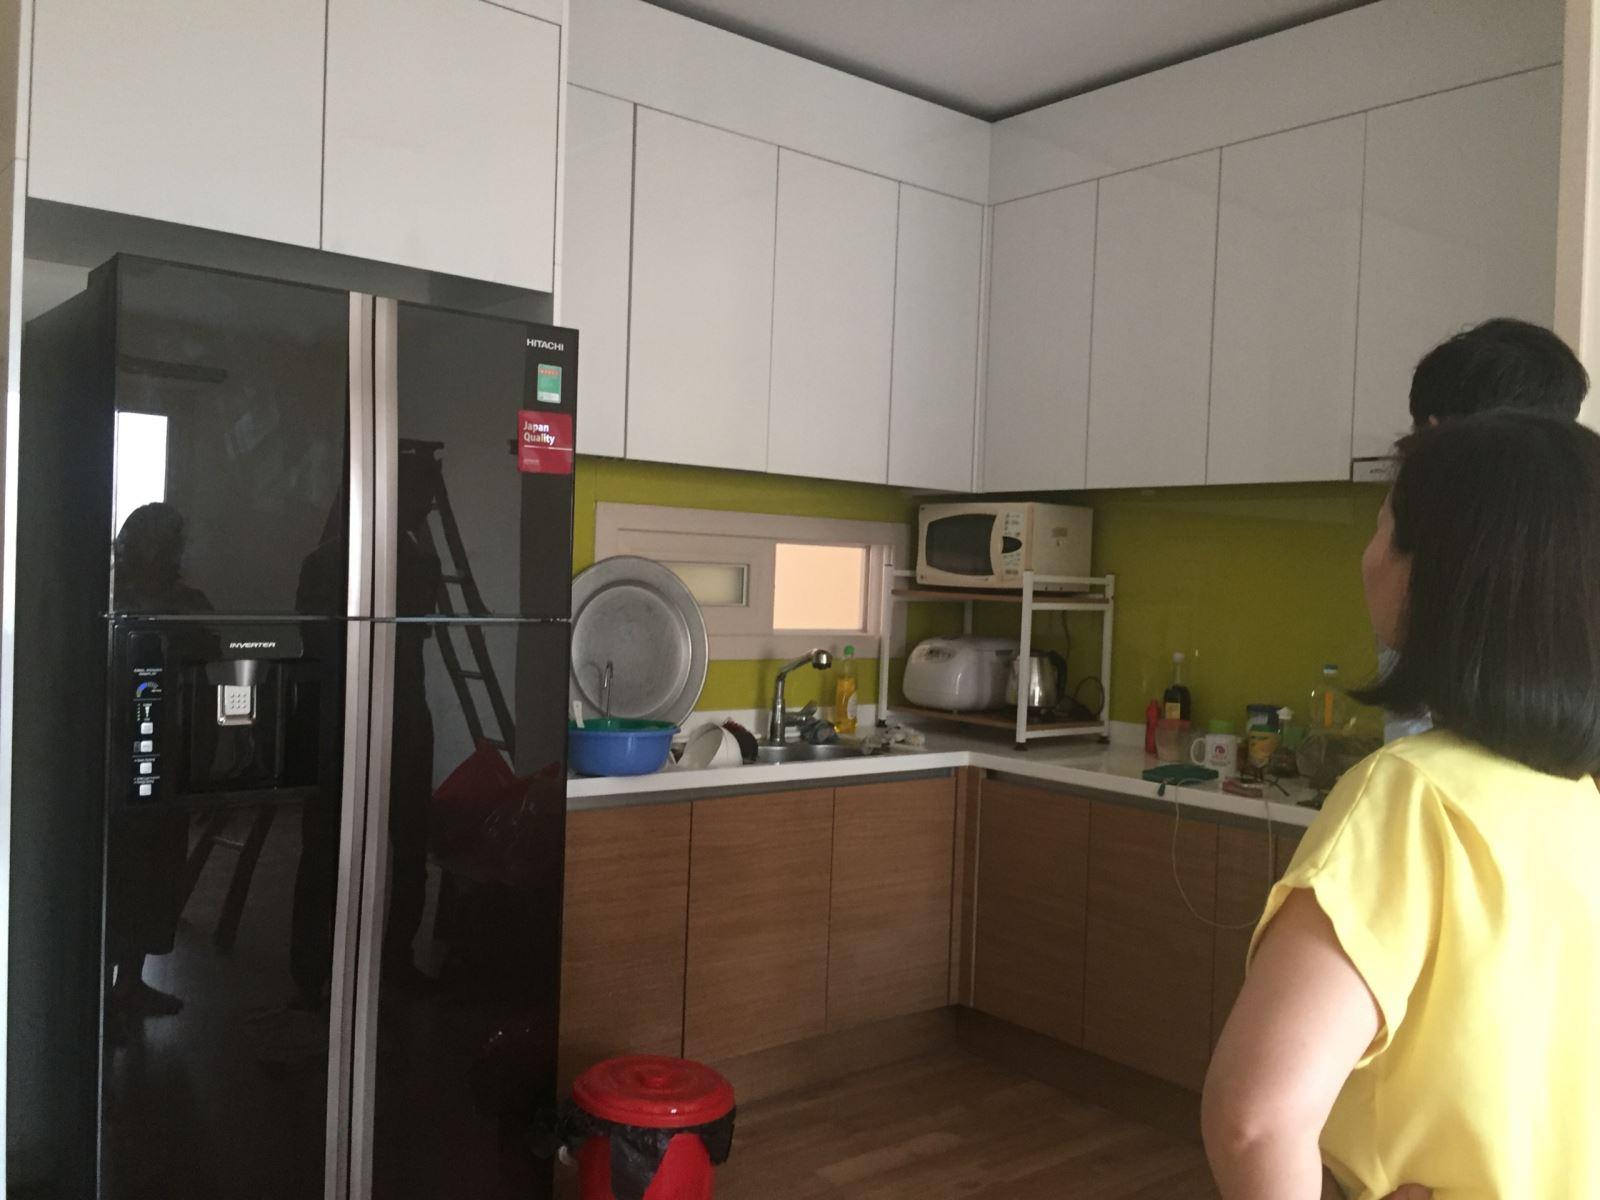 Tủ bếp khá cao tại dự án căn hộ Boyoong mỗ lao hà đông